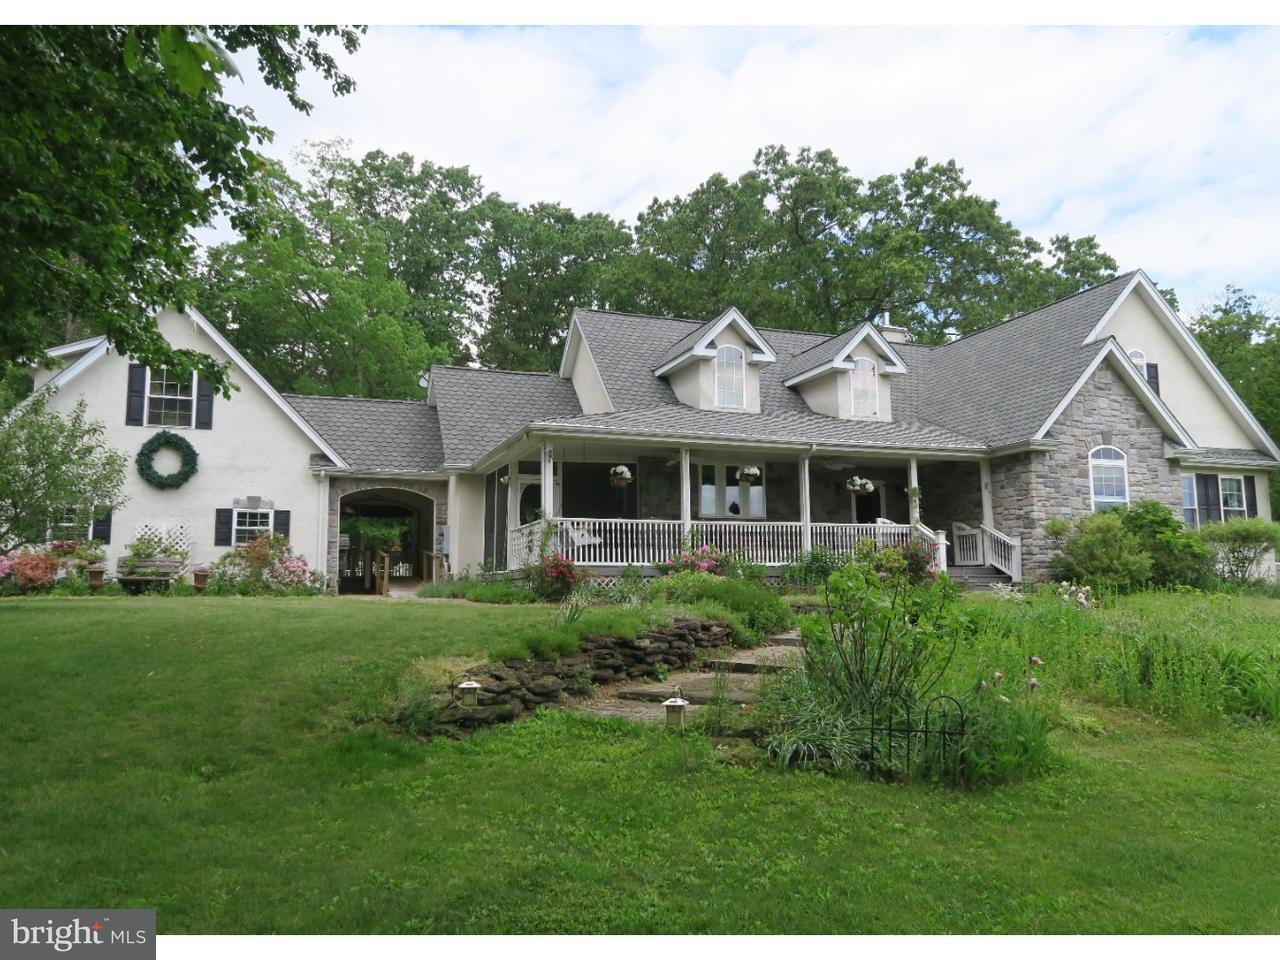 Maison unifamiliale pour l Vente à 261 E COLLIERS MILL Road New Egypt, New Jersey 08533 États-Unis